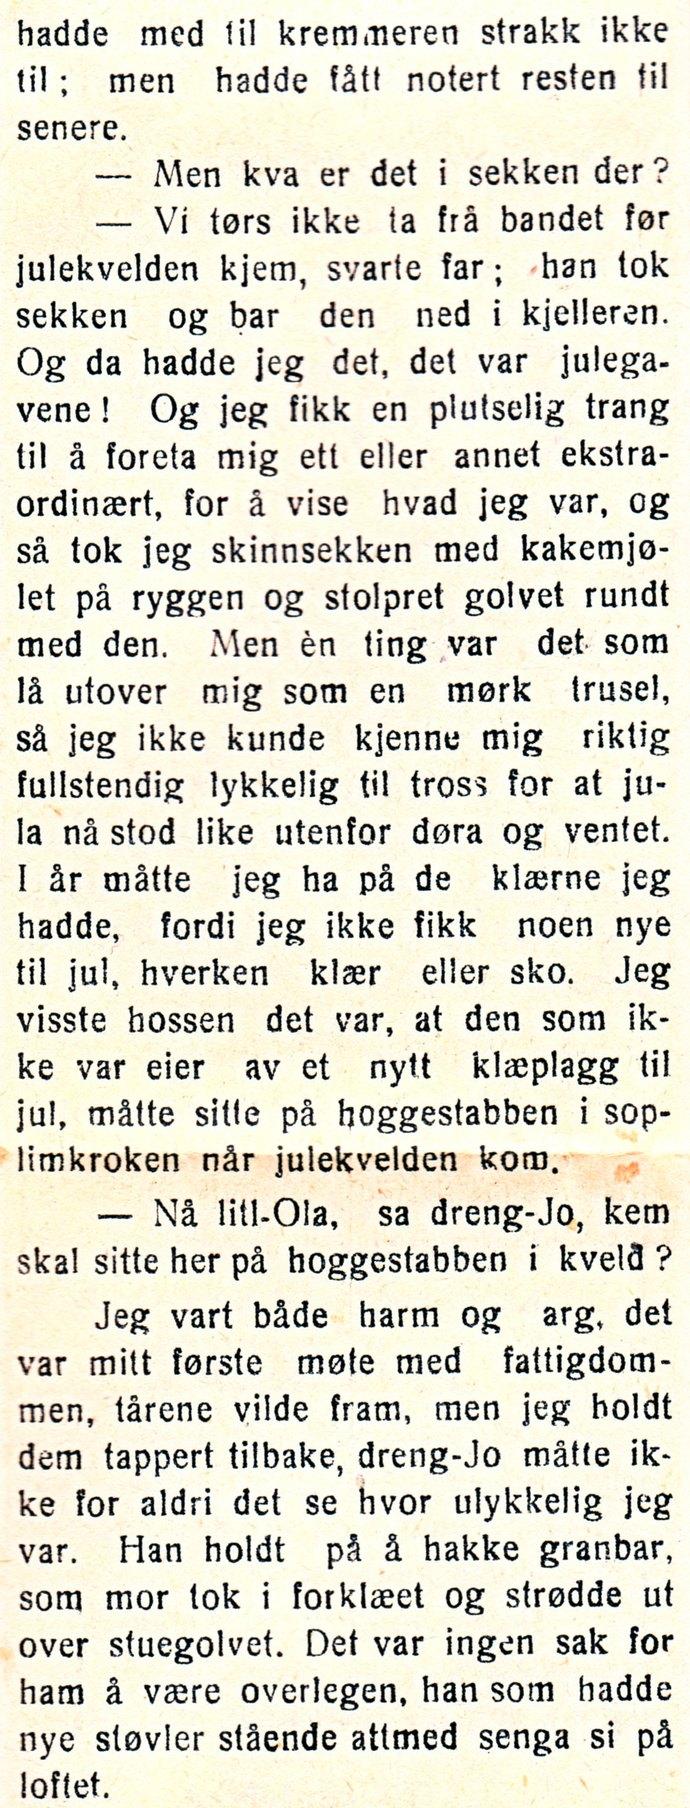 Høiholt 4_690x1808.jpg